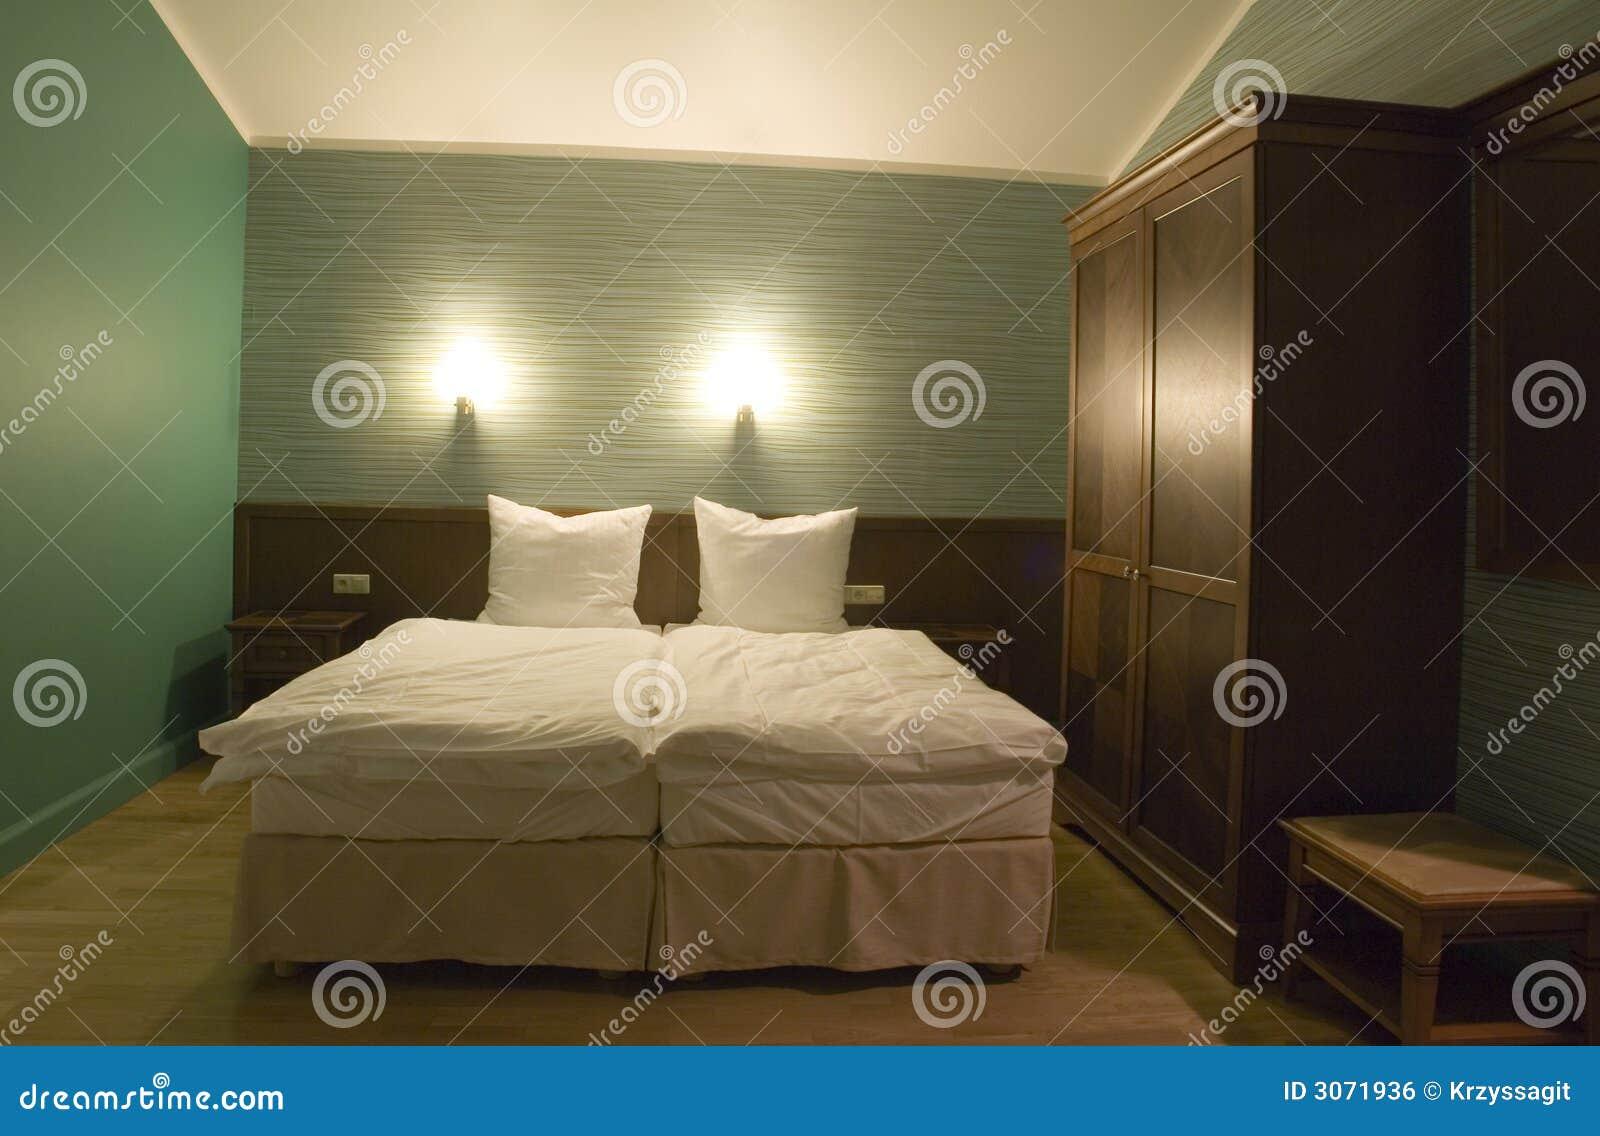 kleines schlafzimmer lizenzfreies stockbild bild 3071936. Black Bedroom Furniture Sets. Home Design Ideas